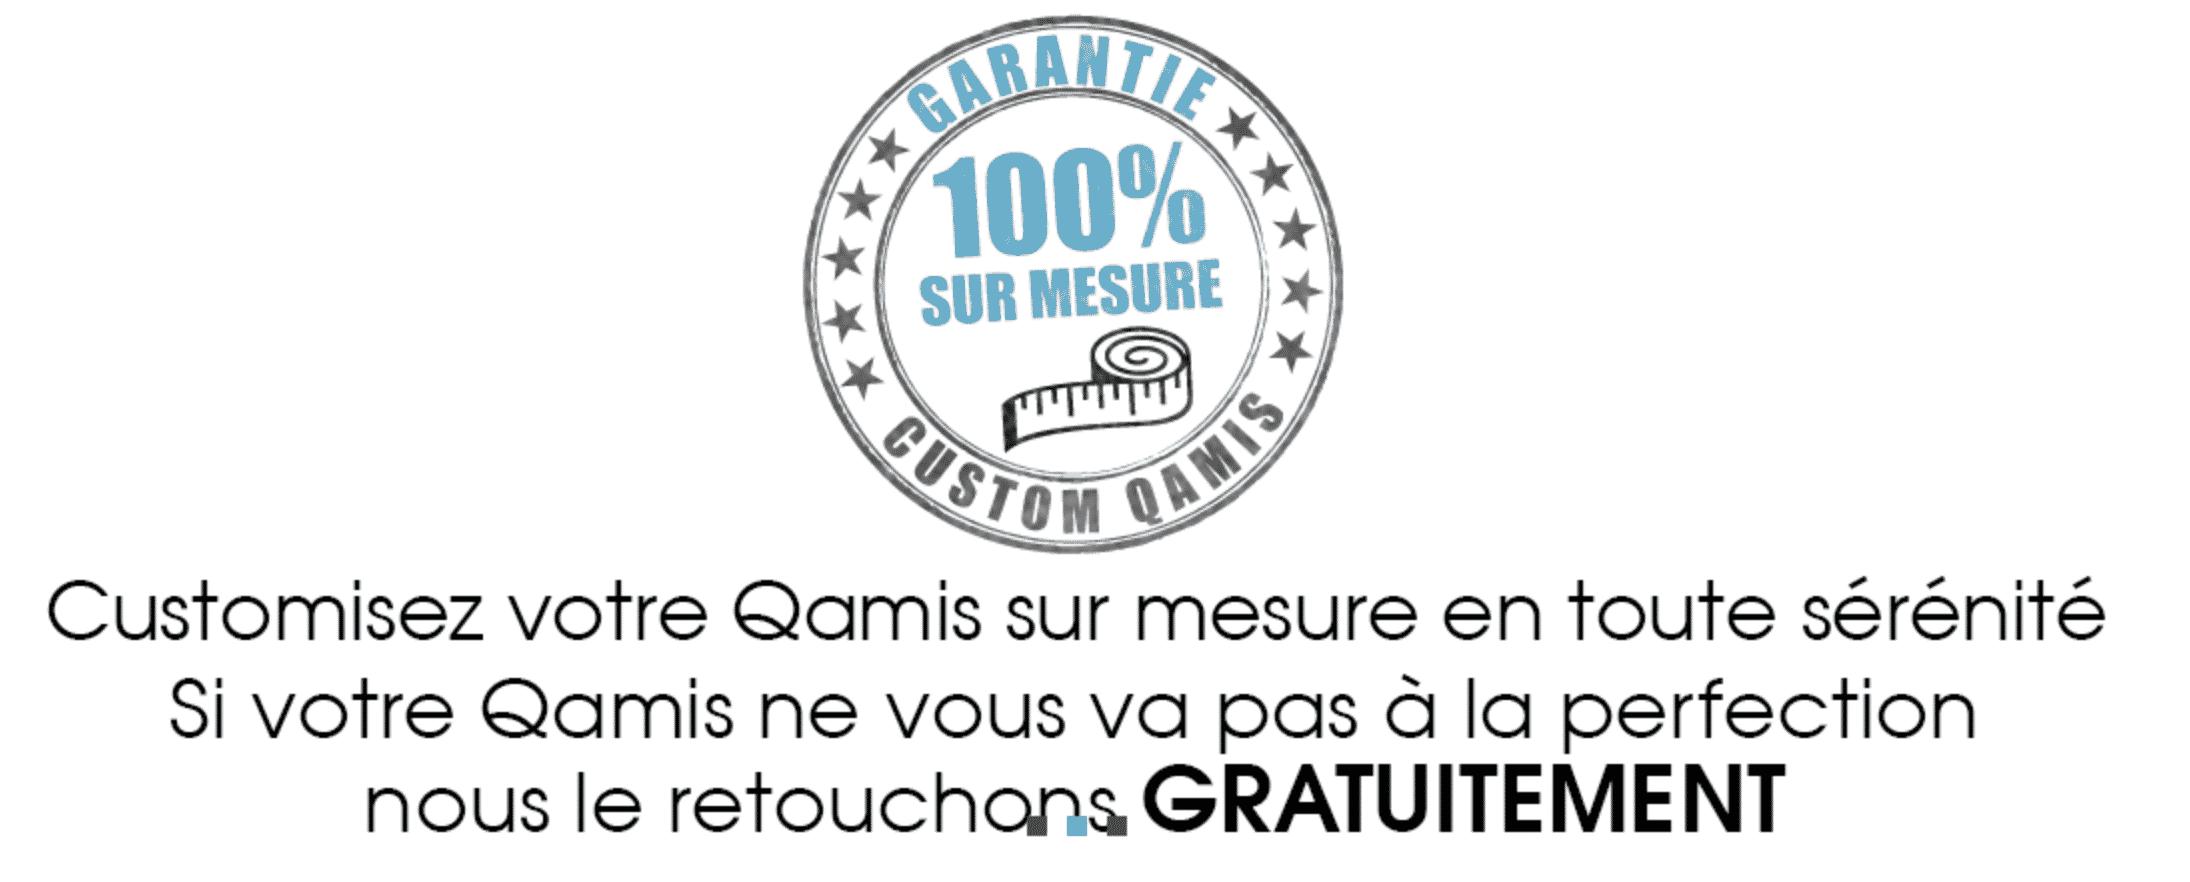 Le concept Custom Qamis